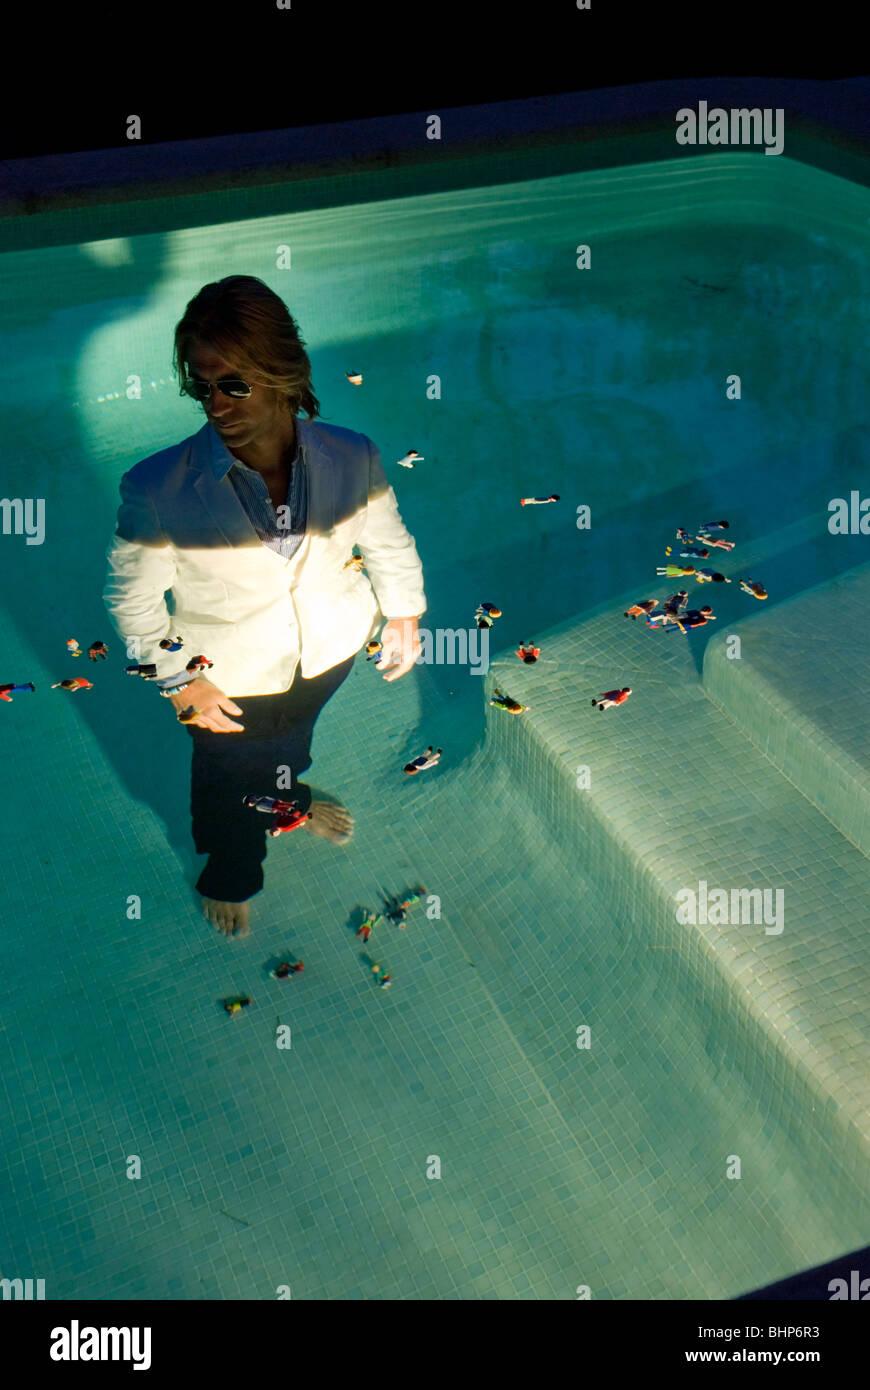 Bizzarra immagine di un adatto uomo biondo con gli occhiali da sole immerso in una piscina circondata da giocattolo Immagini Stock